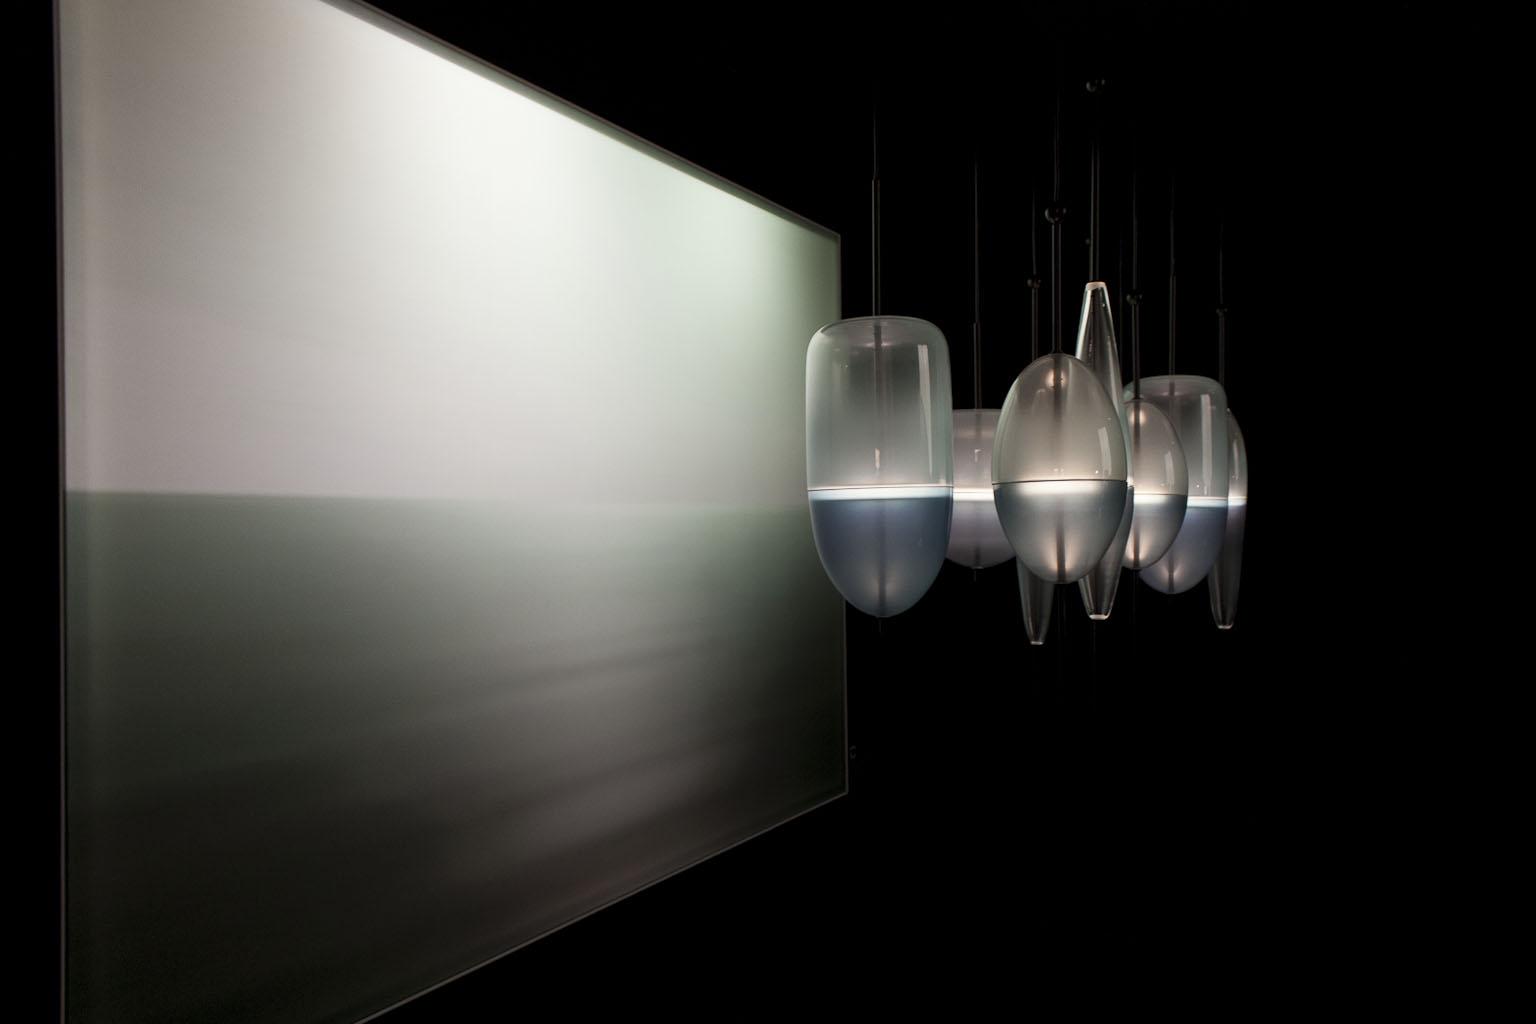 Flow(T), Nao Tamura, Wonderglass, elsewhere : landscape, Elizabeth Leriche, Maison et objet janvier 2014